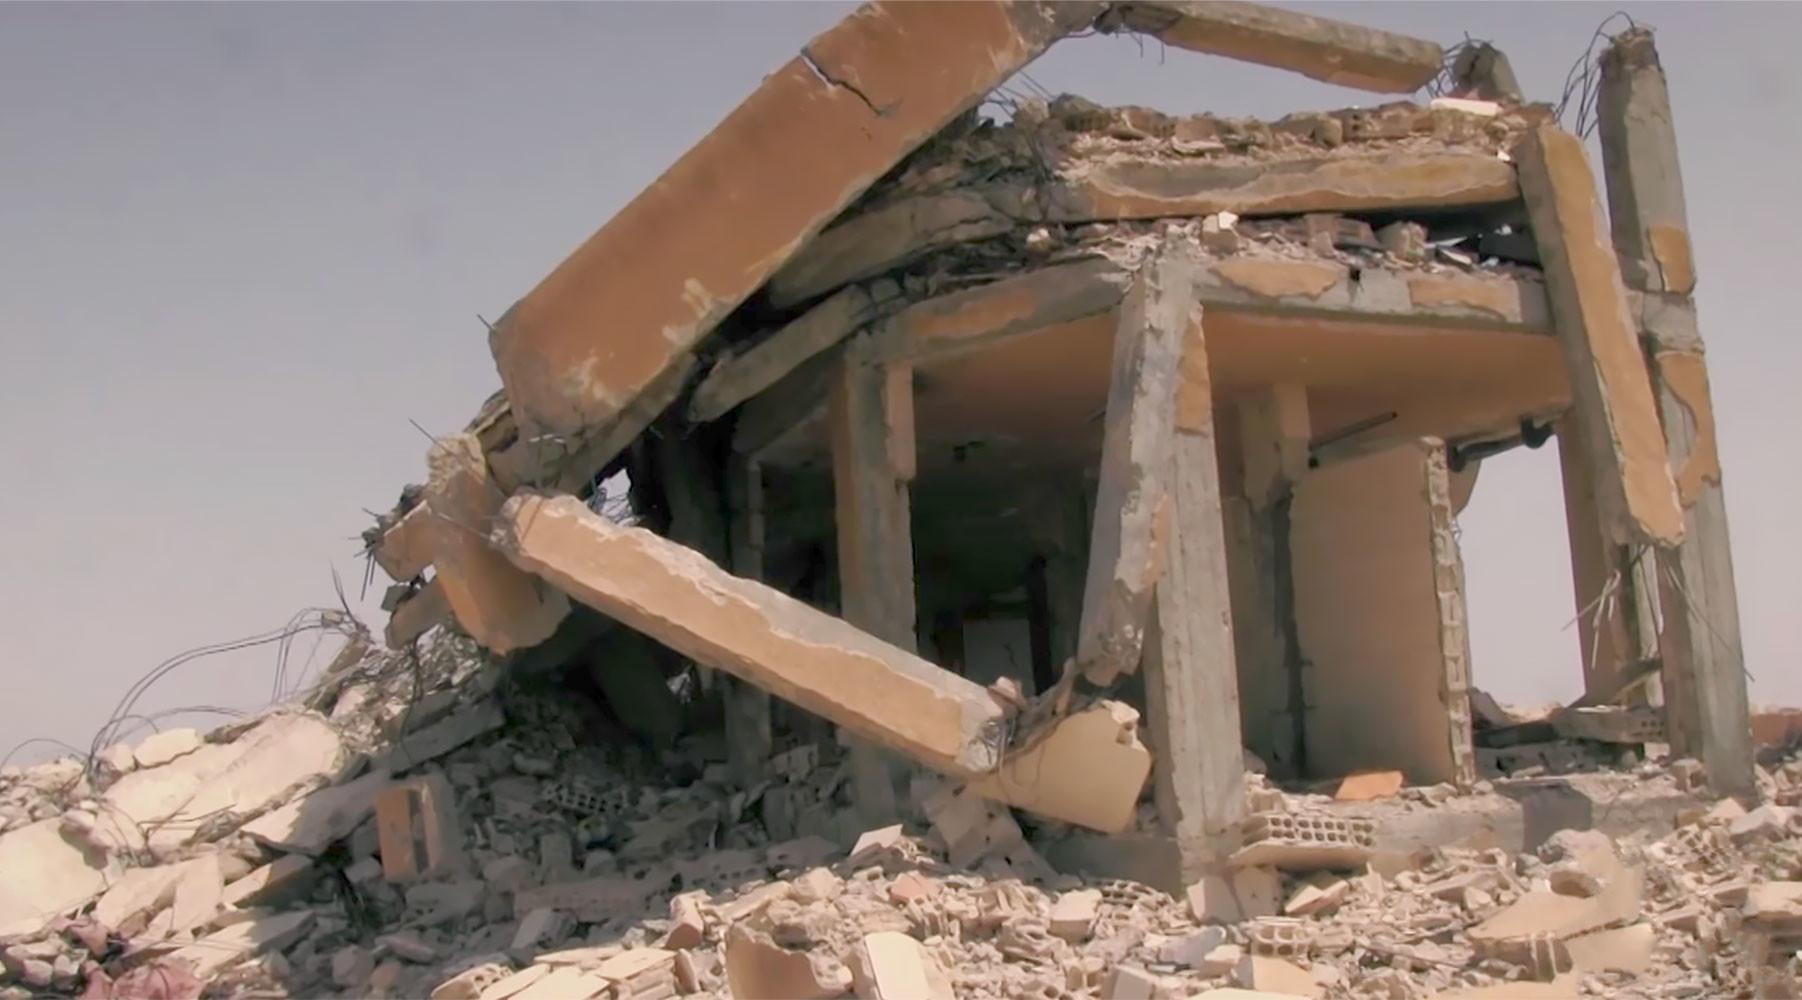 Правозащитники заявили о гибели 84 мирных граждан при ударах коалиции в Сирии в марте